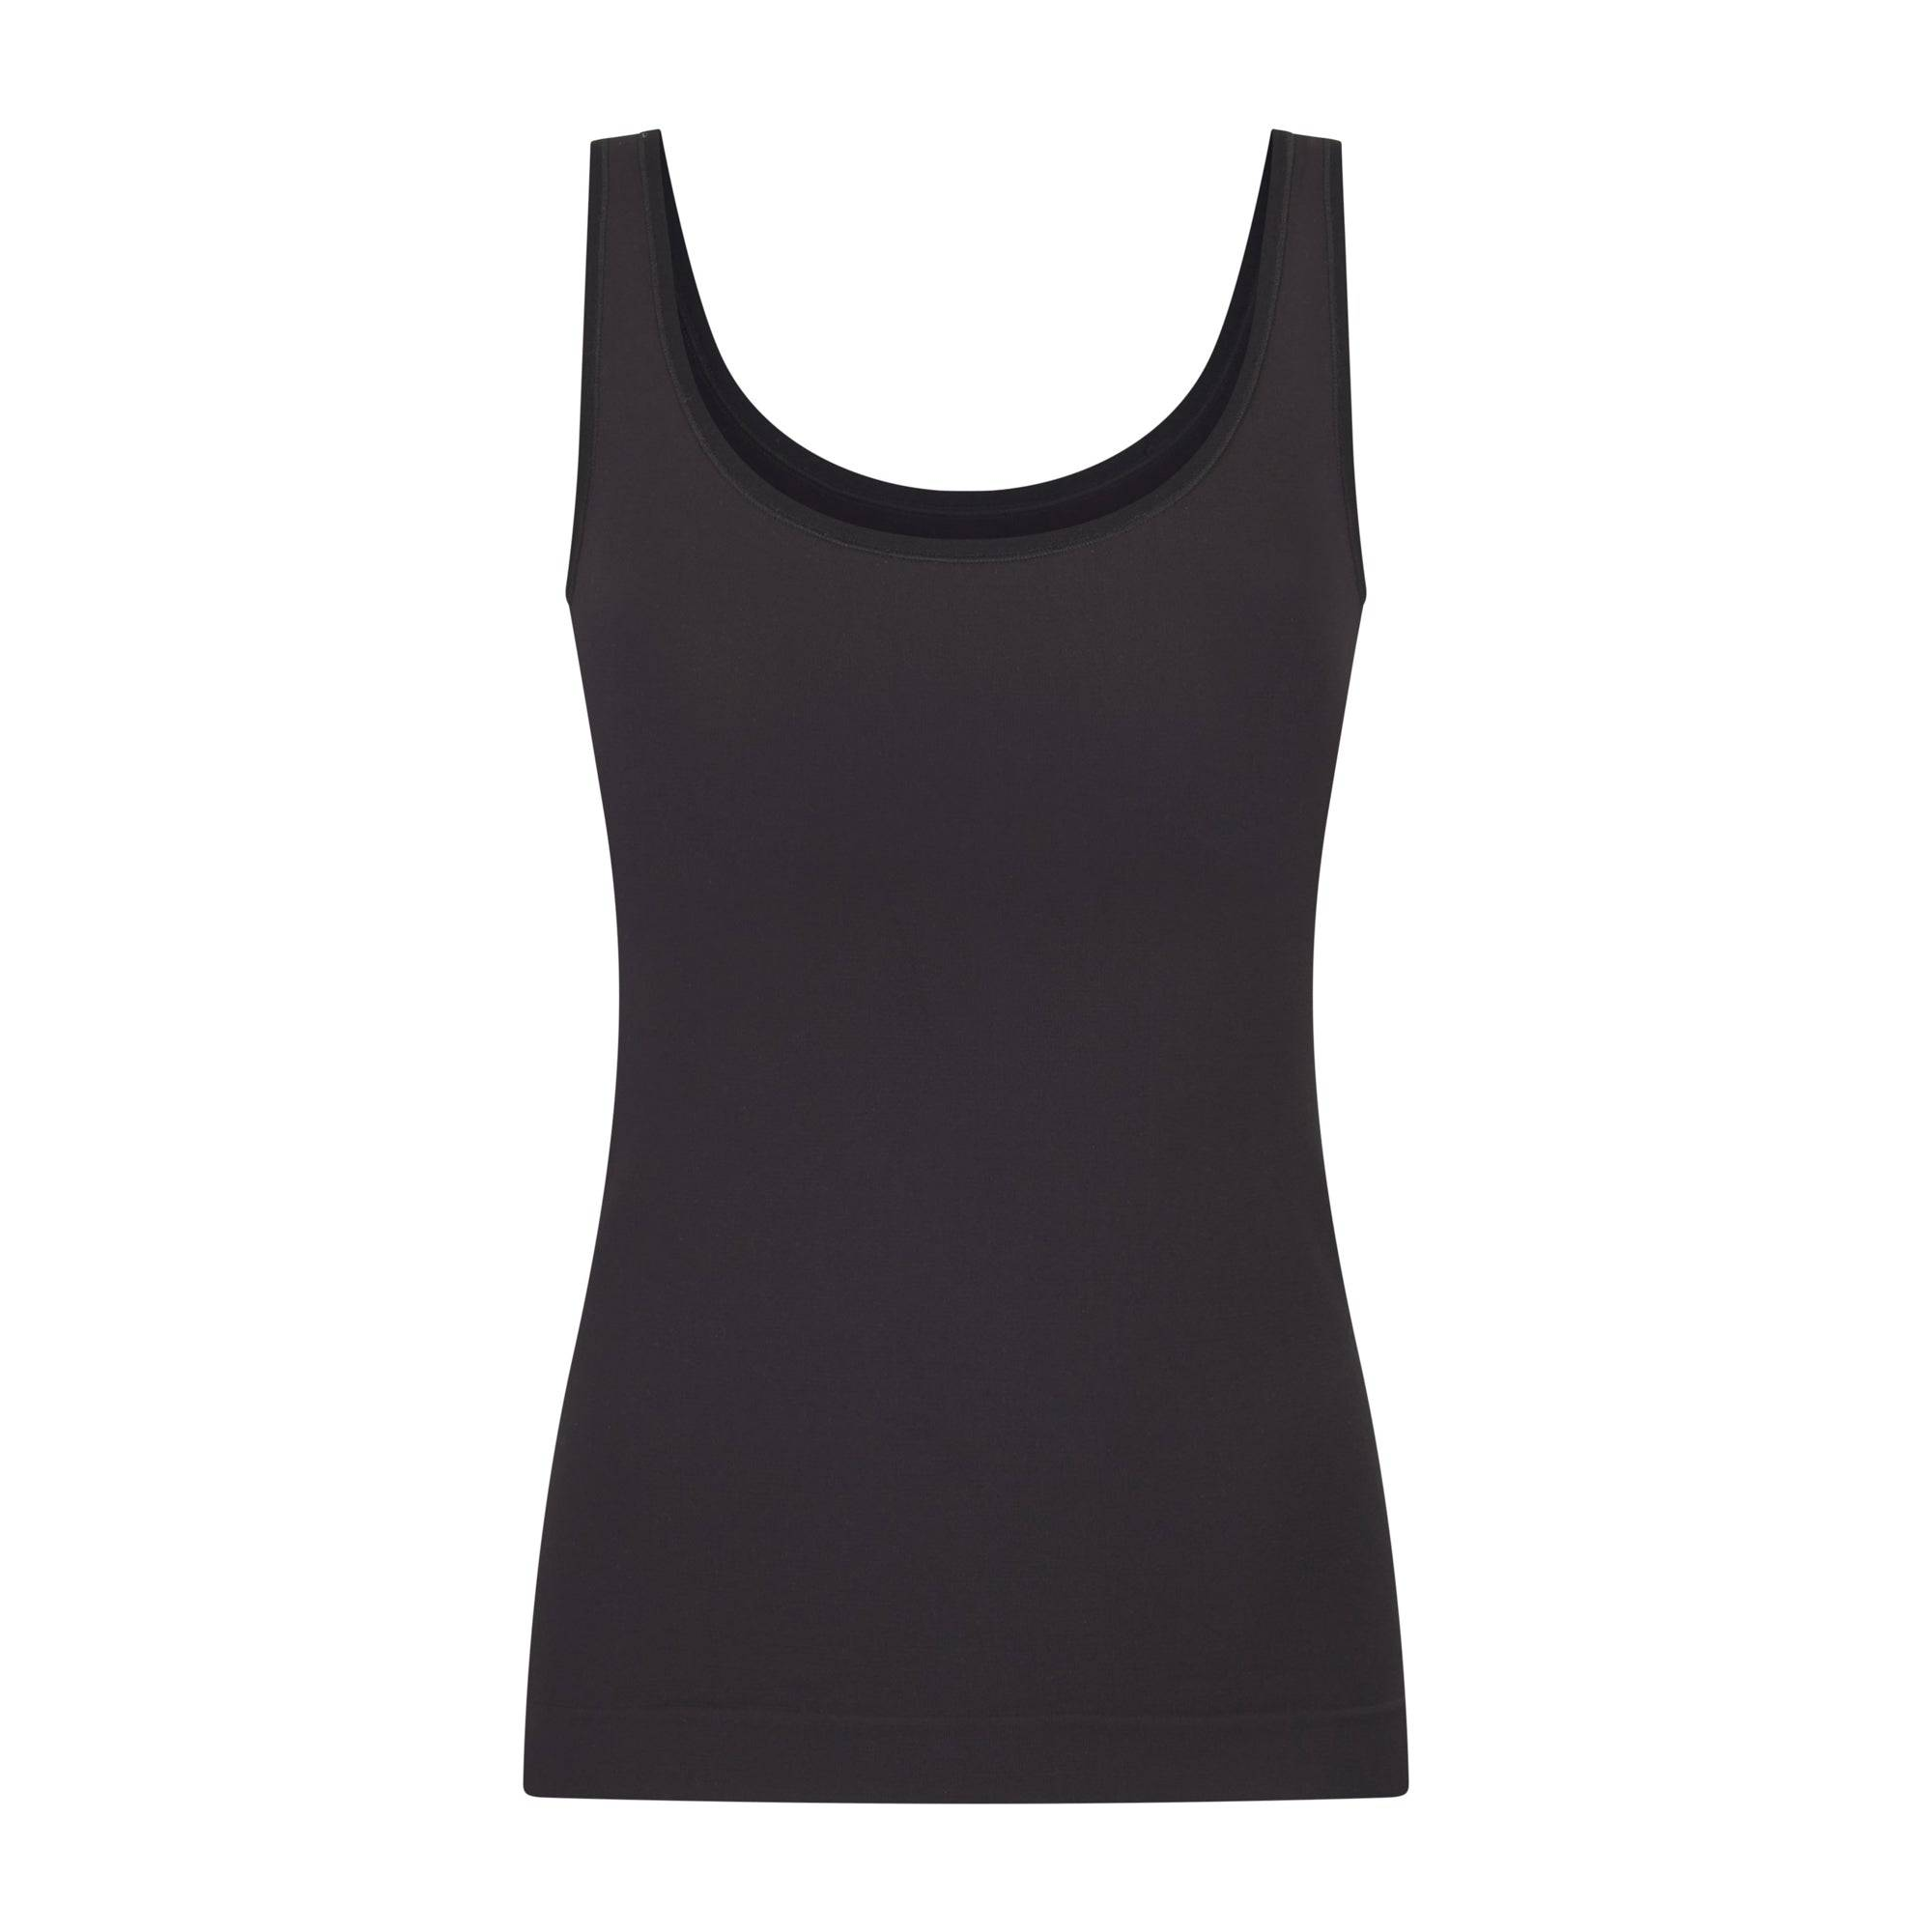 SKIMS Women's Sculpting Tank Shapewear - Black - Size L/XL; Black